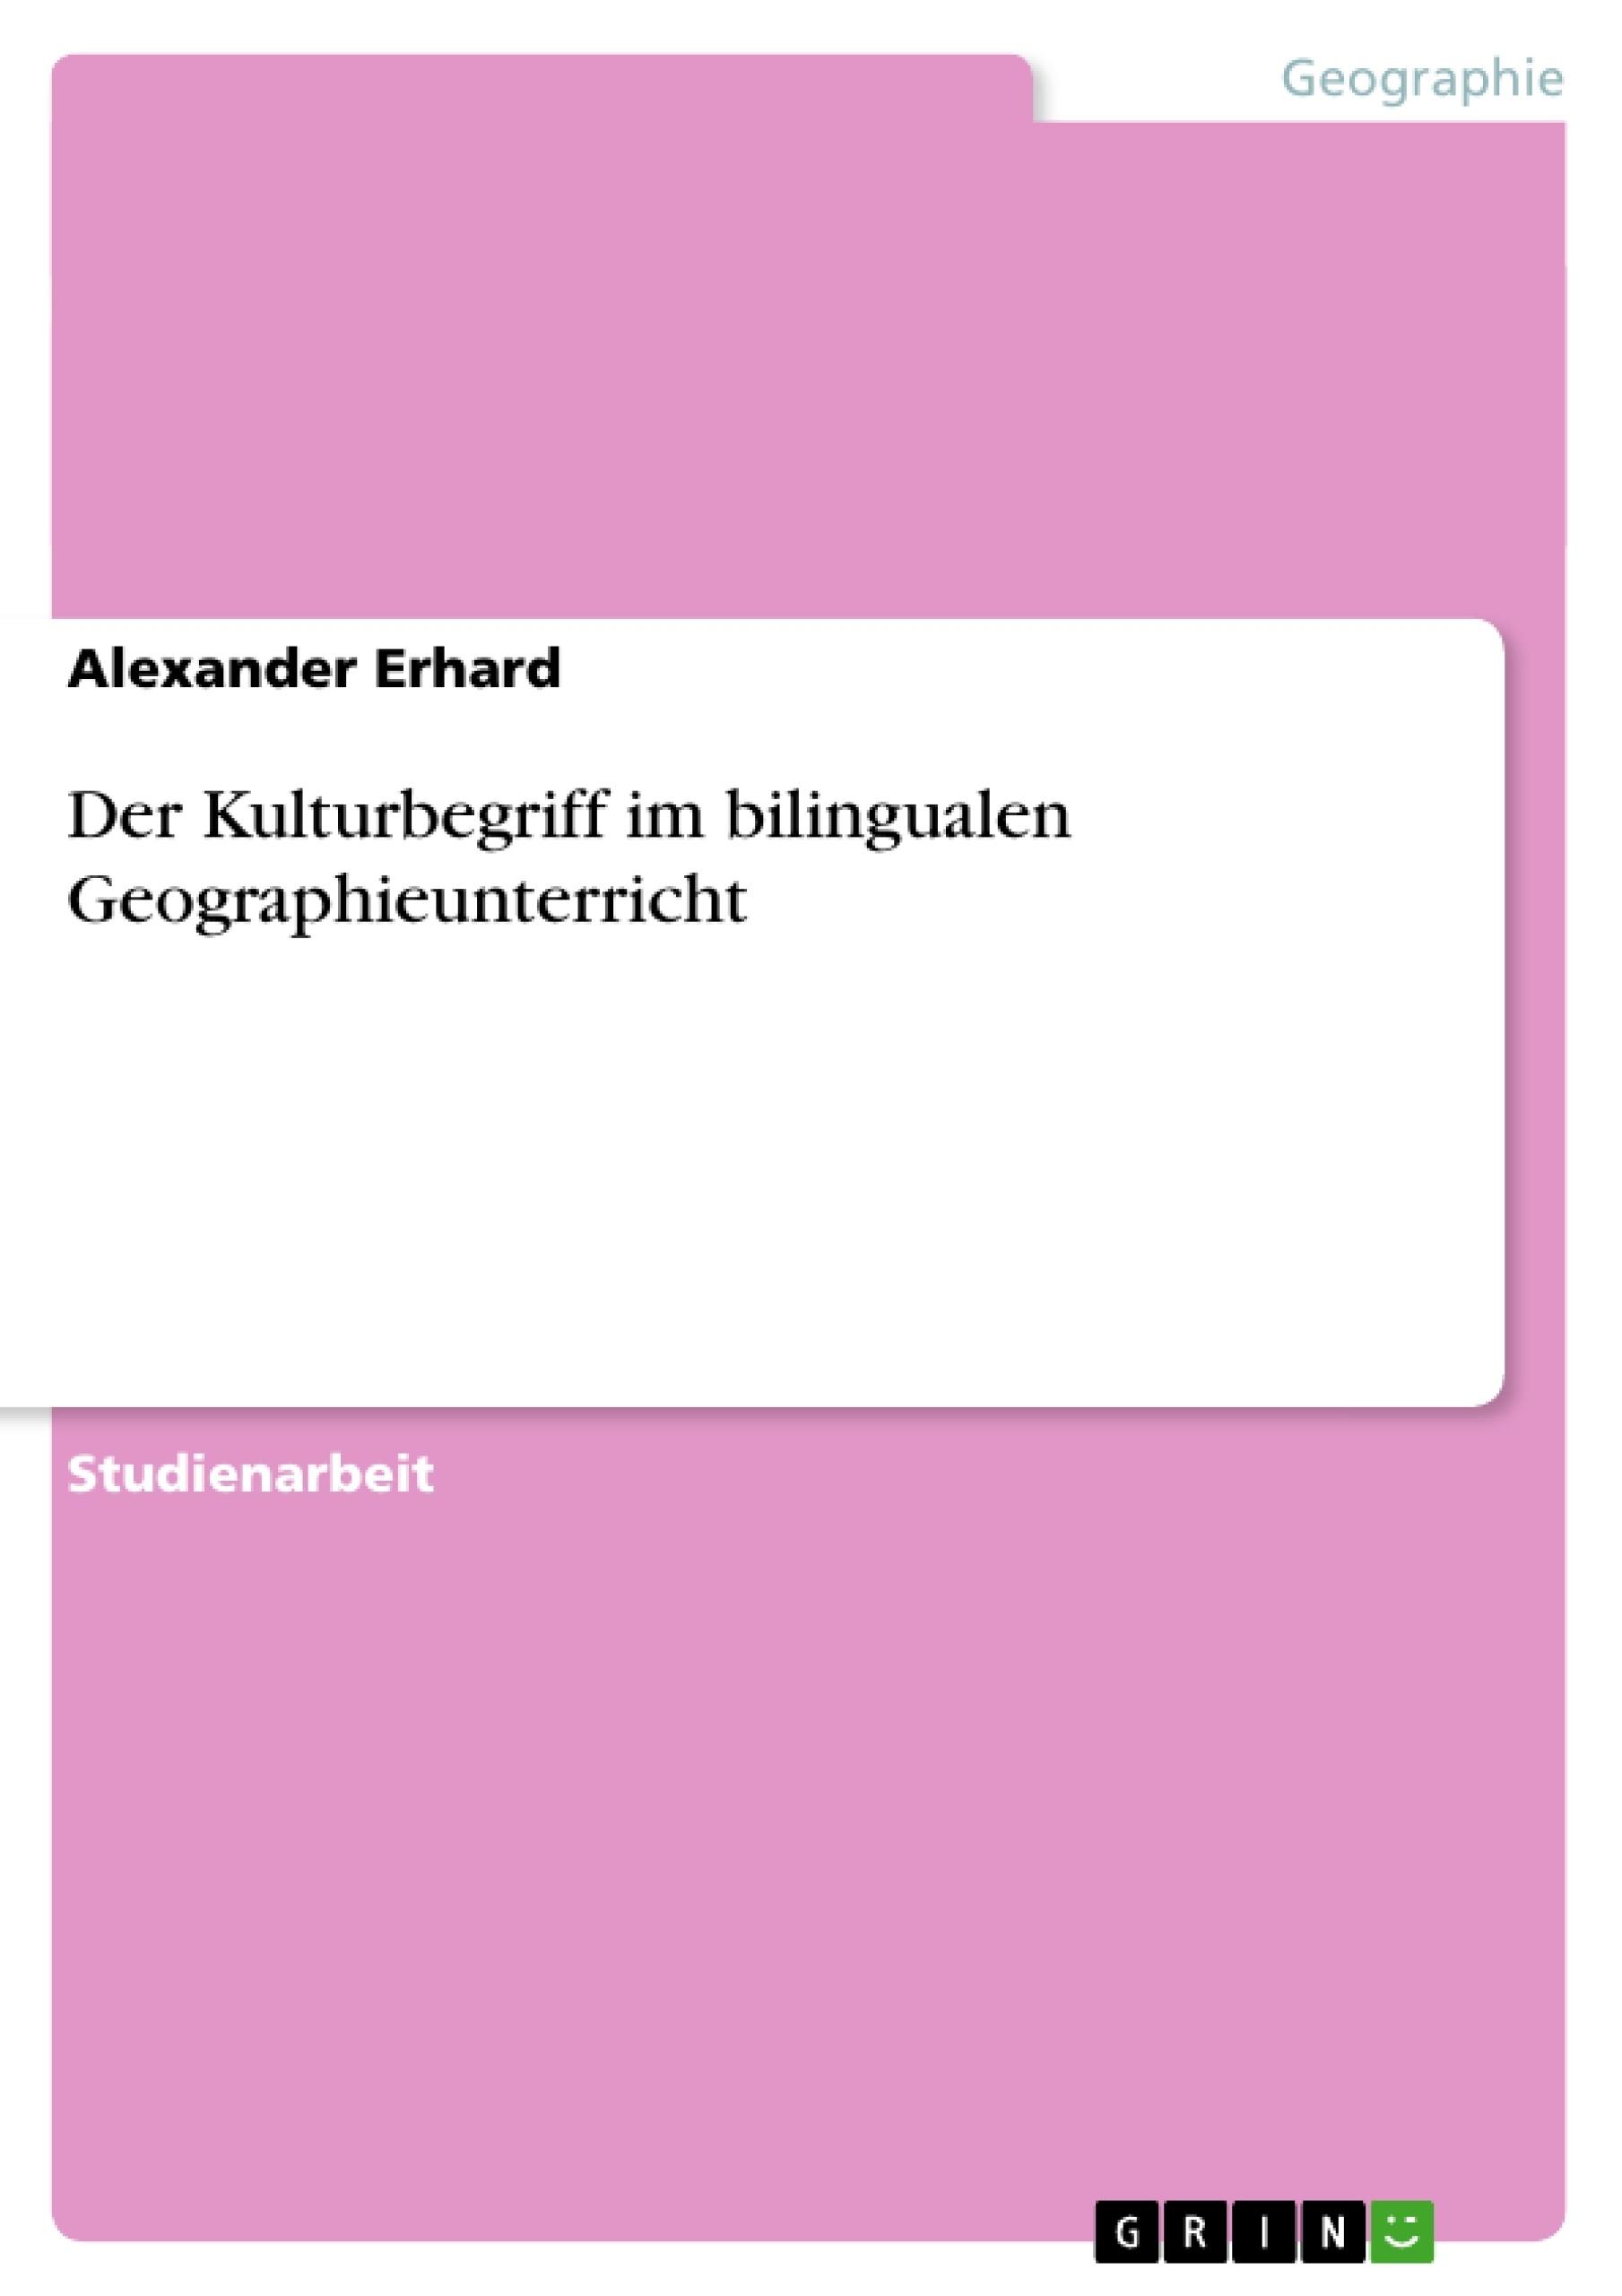 Titel: Der Kulturbegriff im bilingualen Geographieunterricht